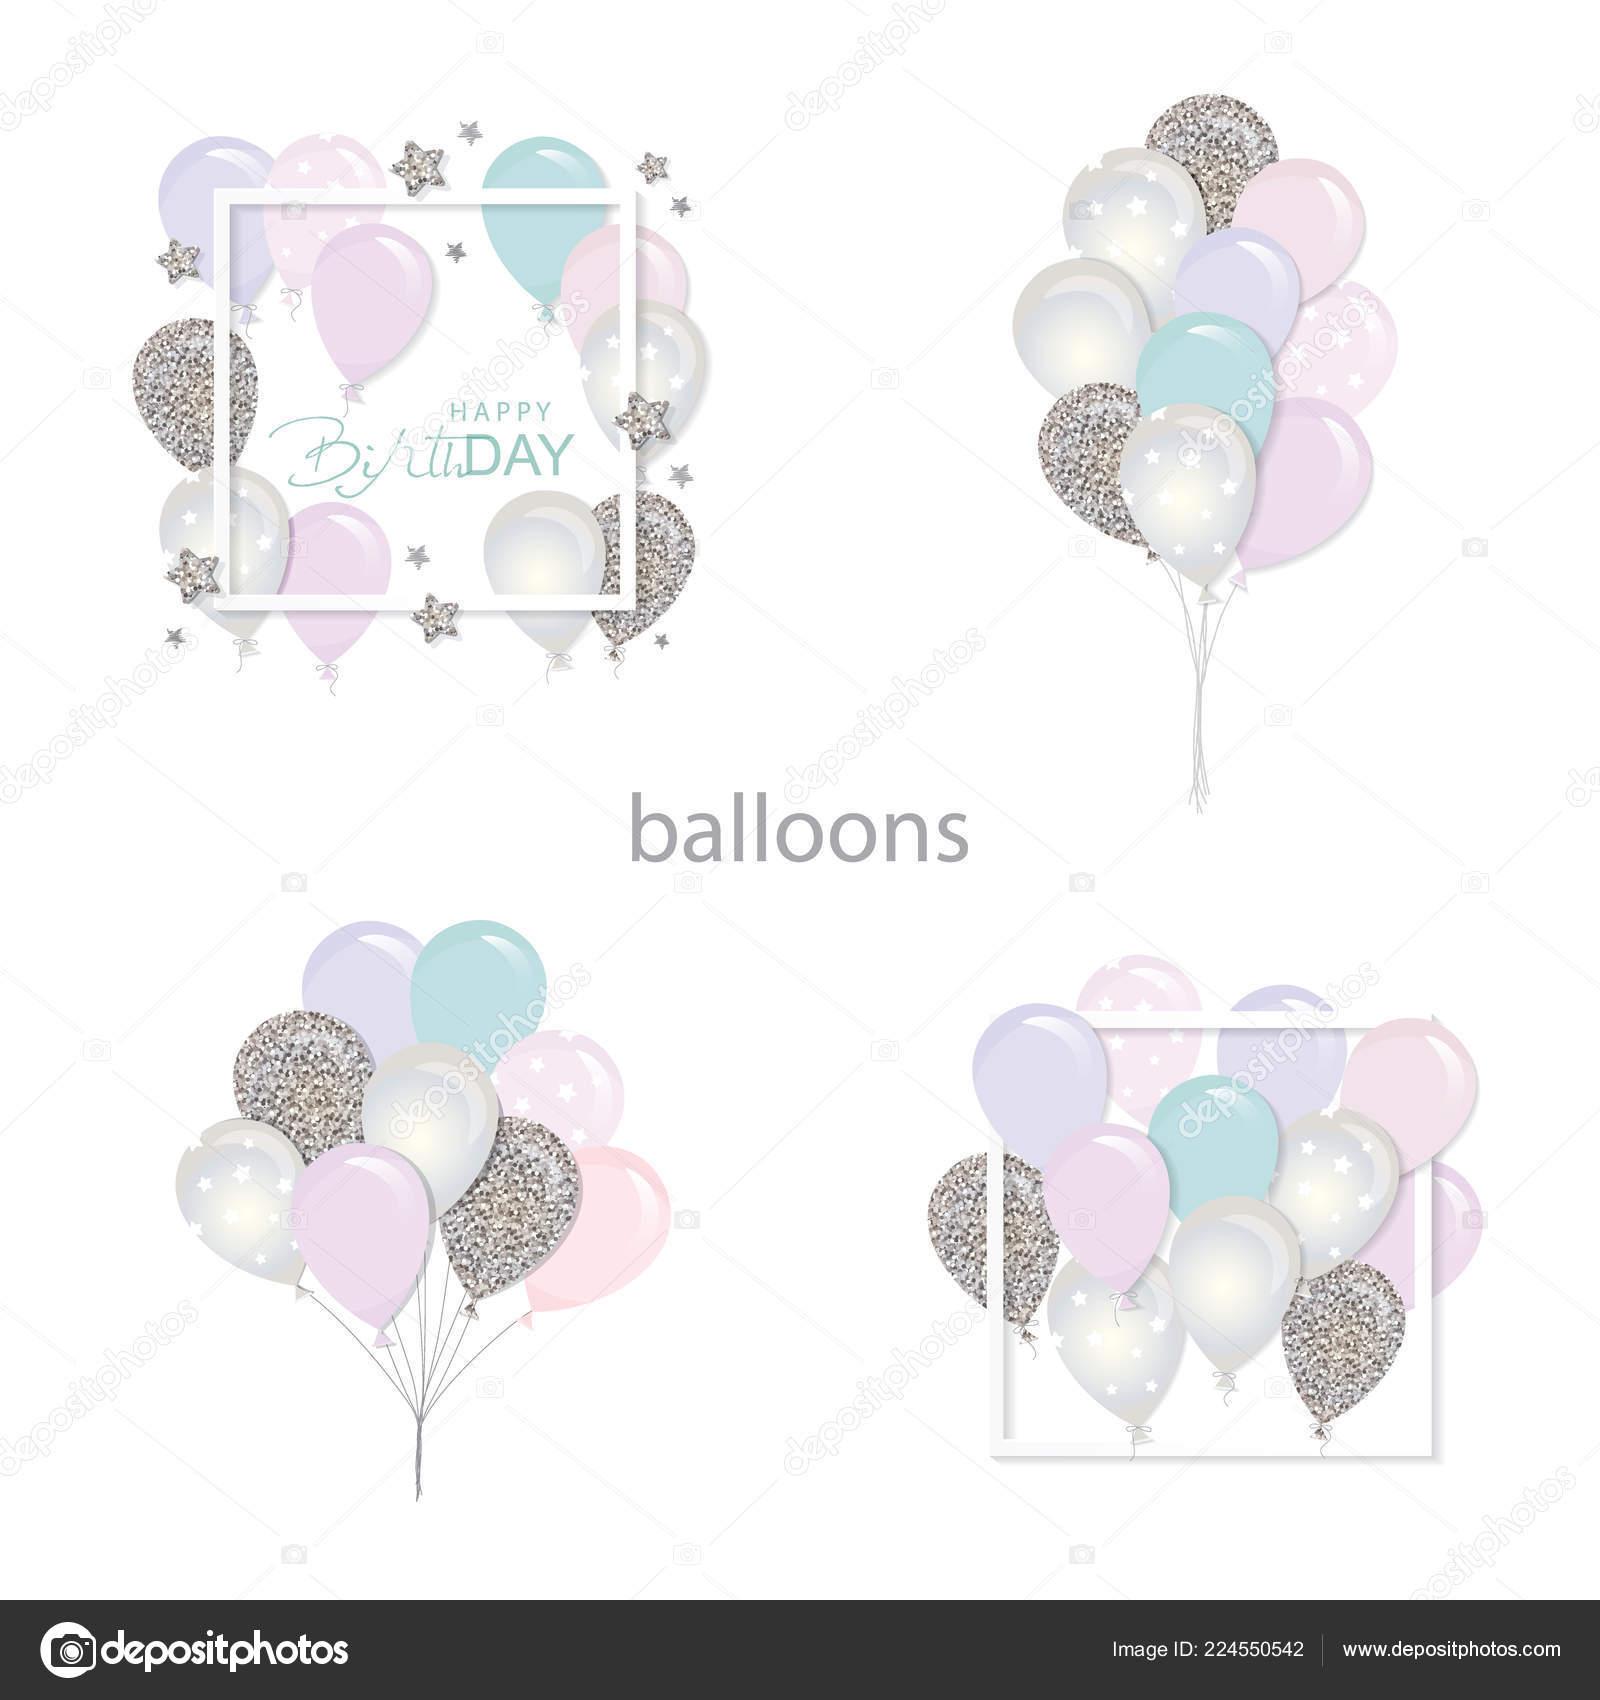 Luftballons Set Mit Glitzer Vorlagen Für Geburtstag Und Feiertage